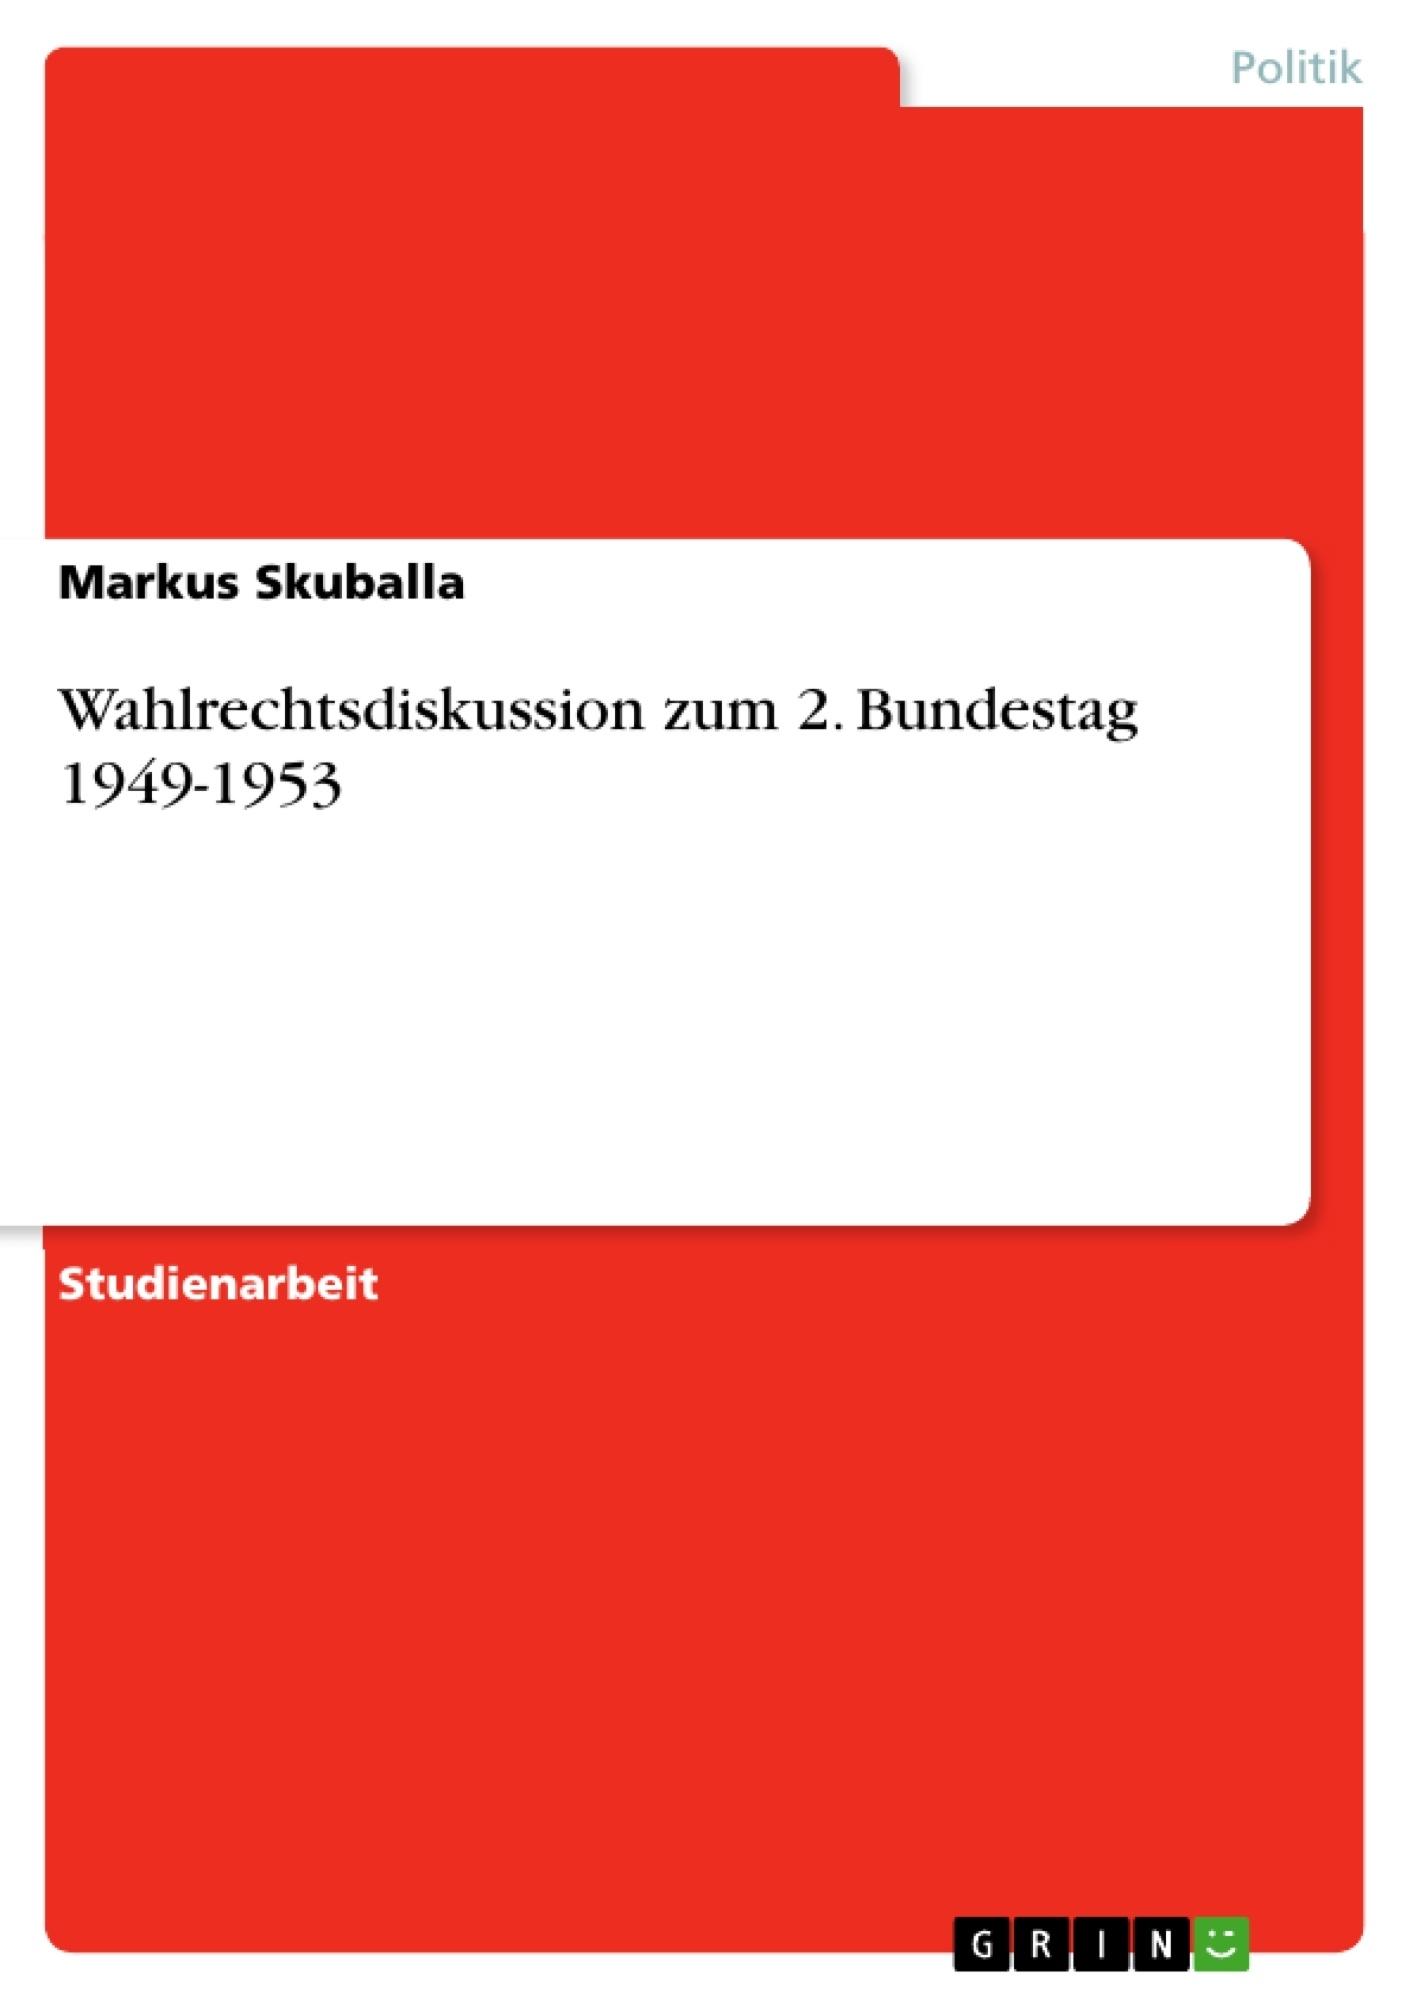 Titel: Wahlrechtsdiskussion zum 2. Bundestag 1949-1953